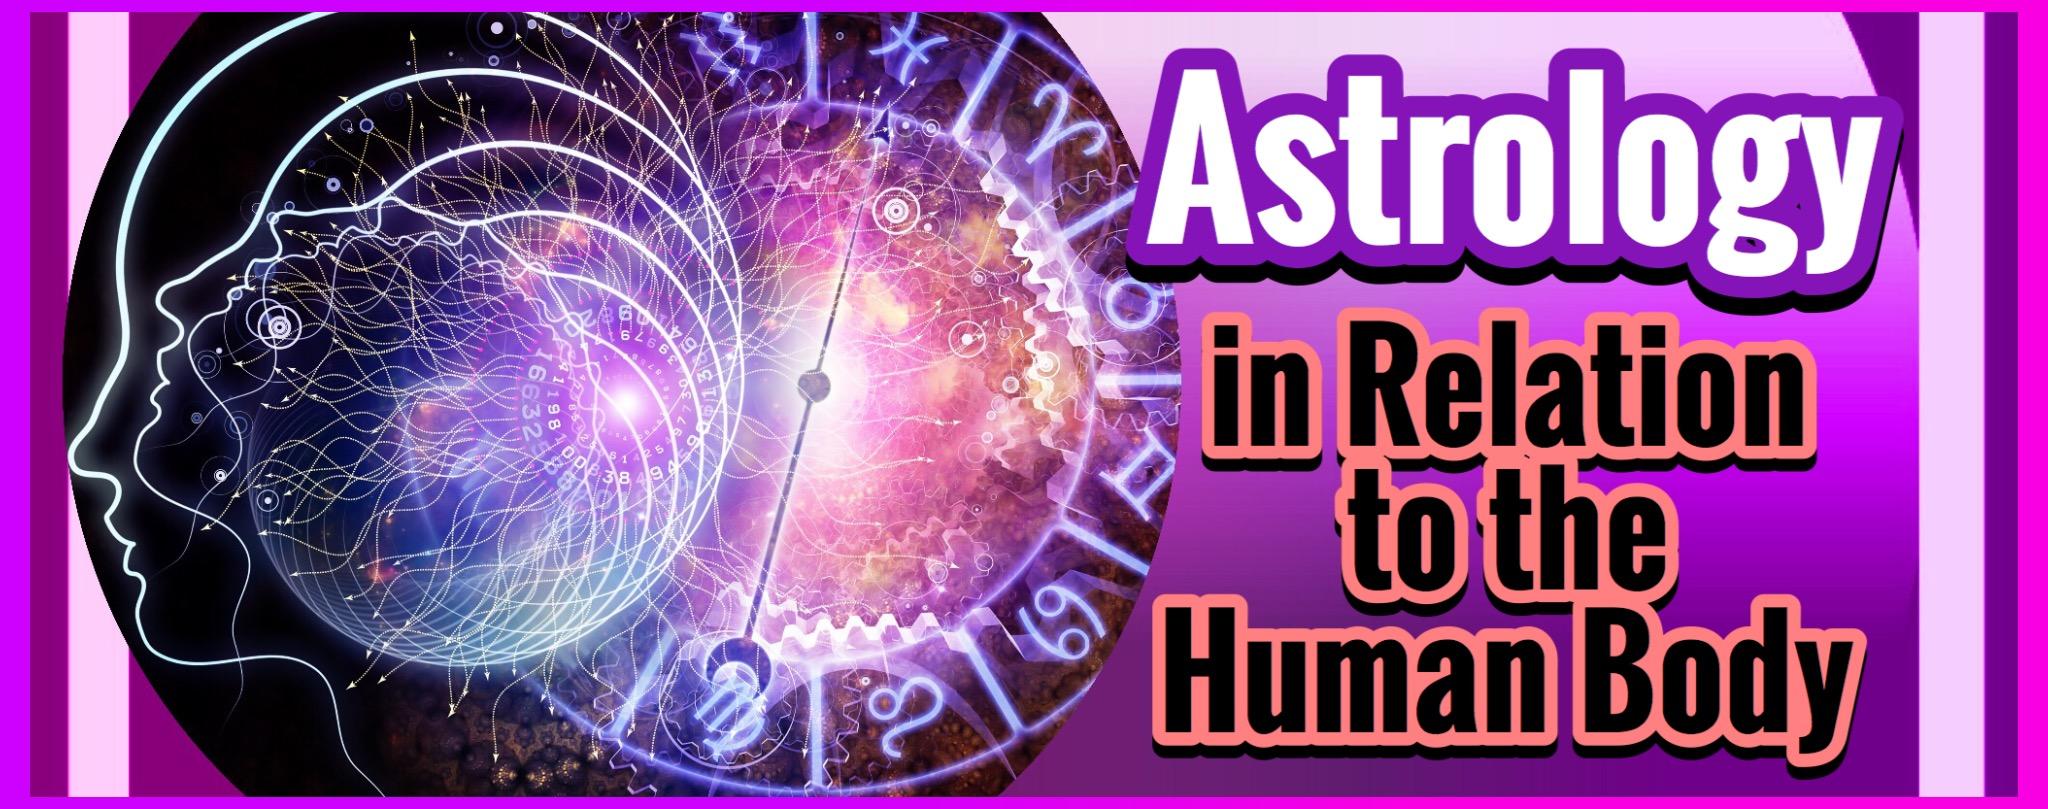 astrology-body-thumbnail.JPG